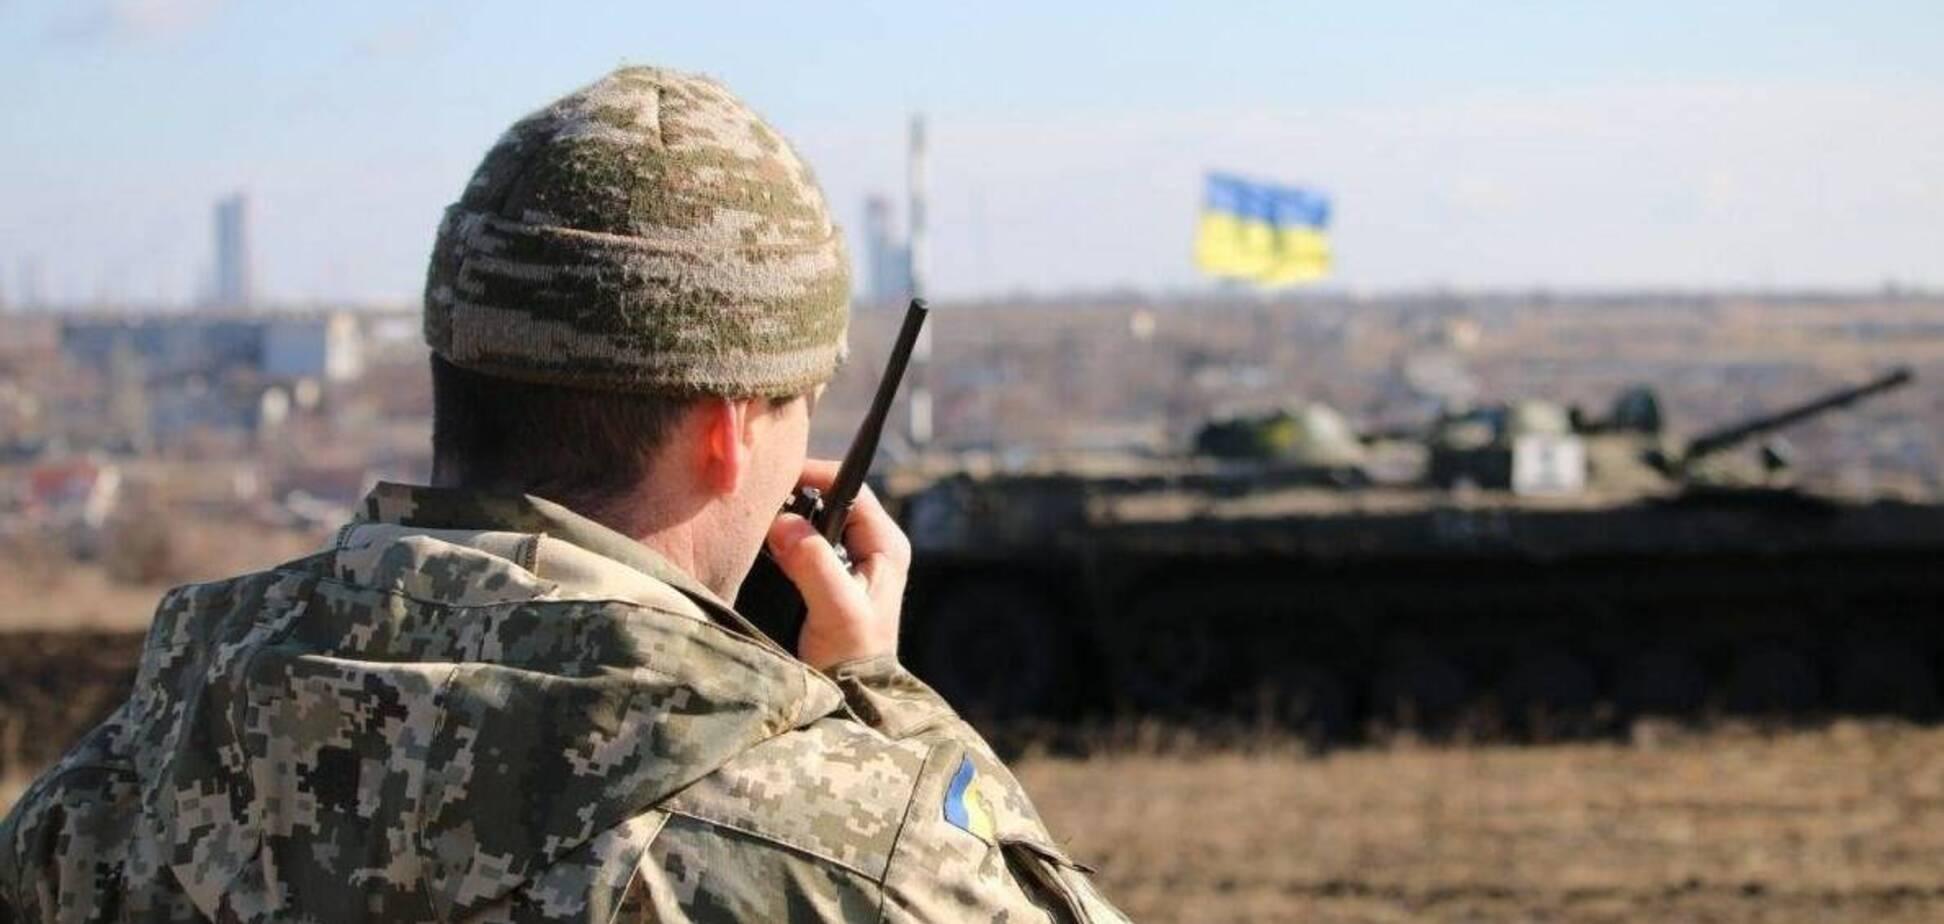 Тіло військового медика ще залишається на окупованій території Донбасу